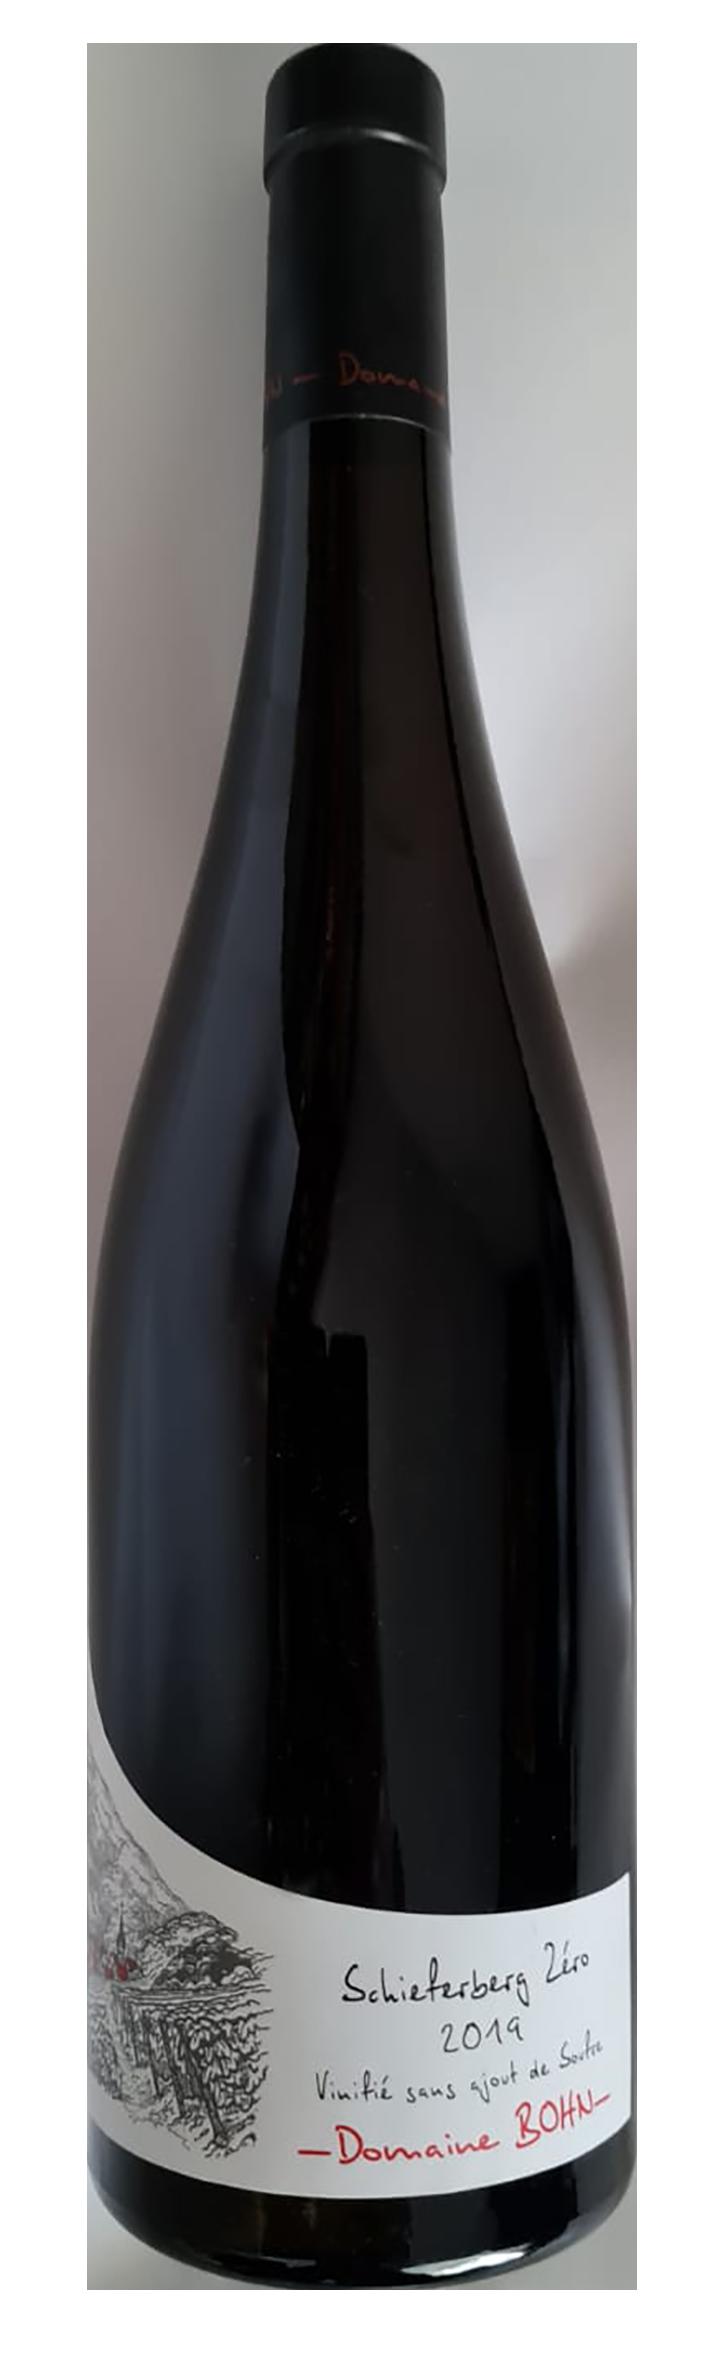 bouteille de vin blanc de macération naturel alsacien, domaine Bohn, cuvée Schieferberg Zéro 2019